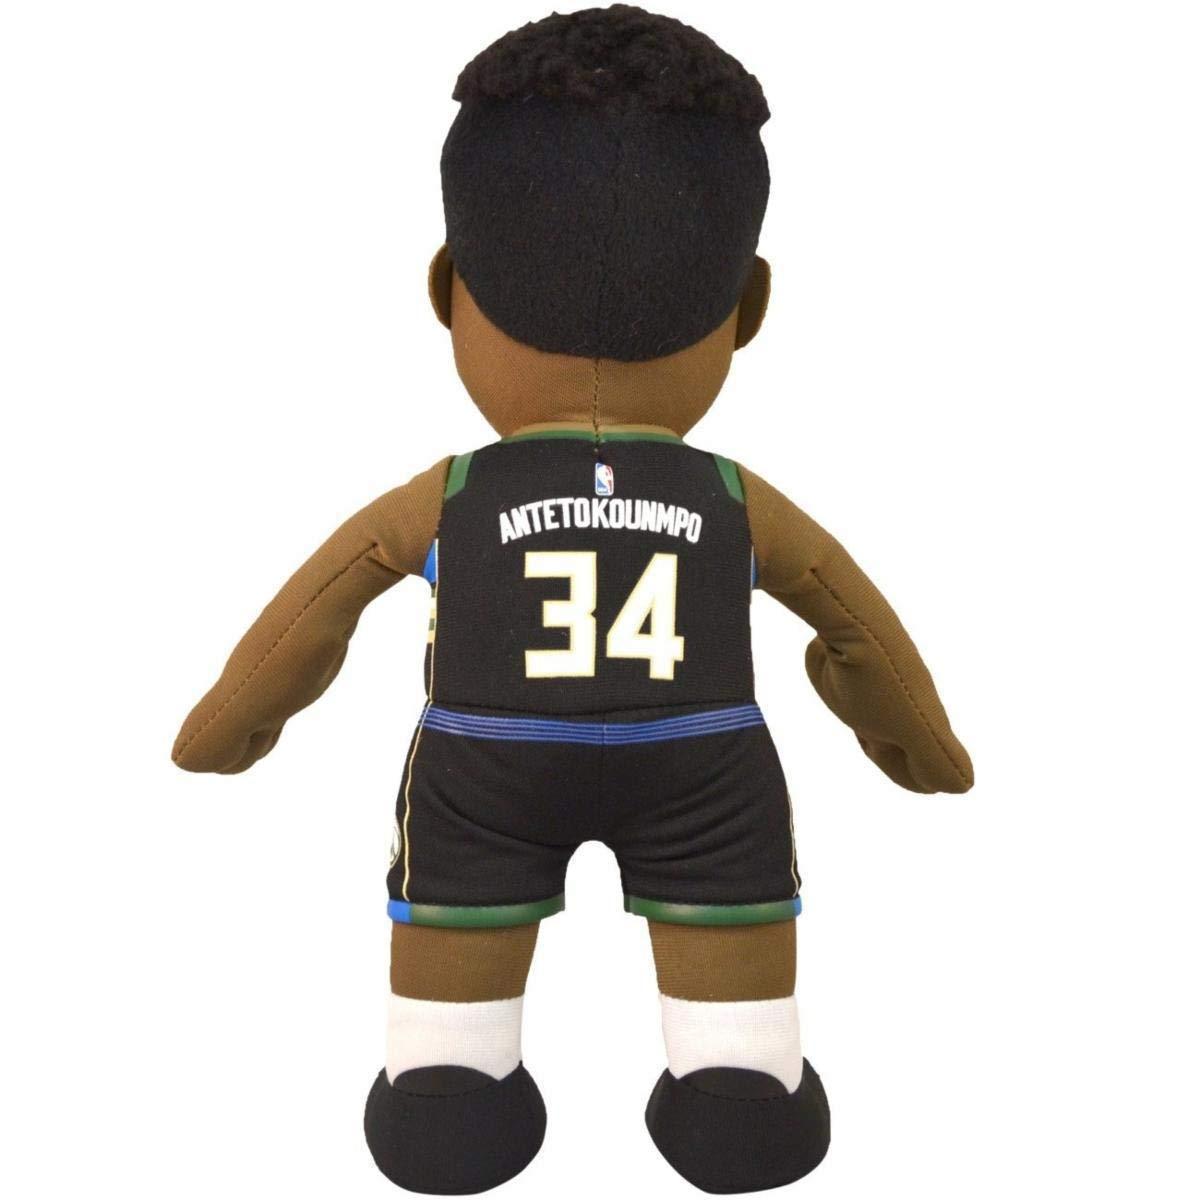 Poupluche (Muñeco de peluche) Giannis Antetokounmpo - Statement Camiseta - Milwaukee Bucks: Amazon.es: Deportes y aire libre